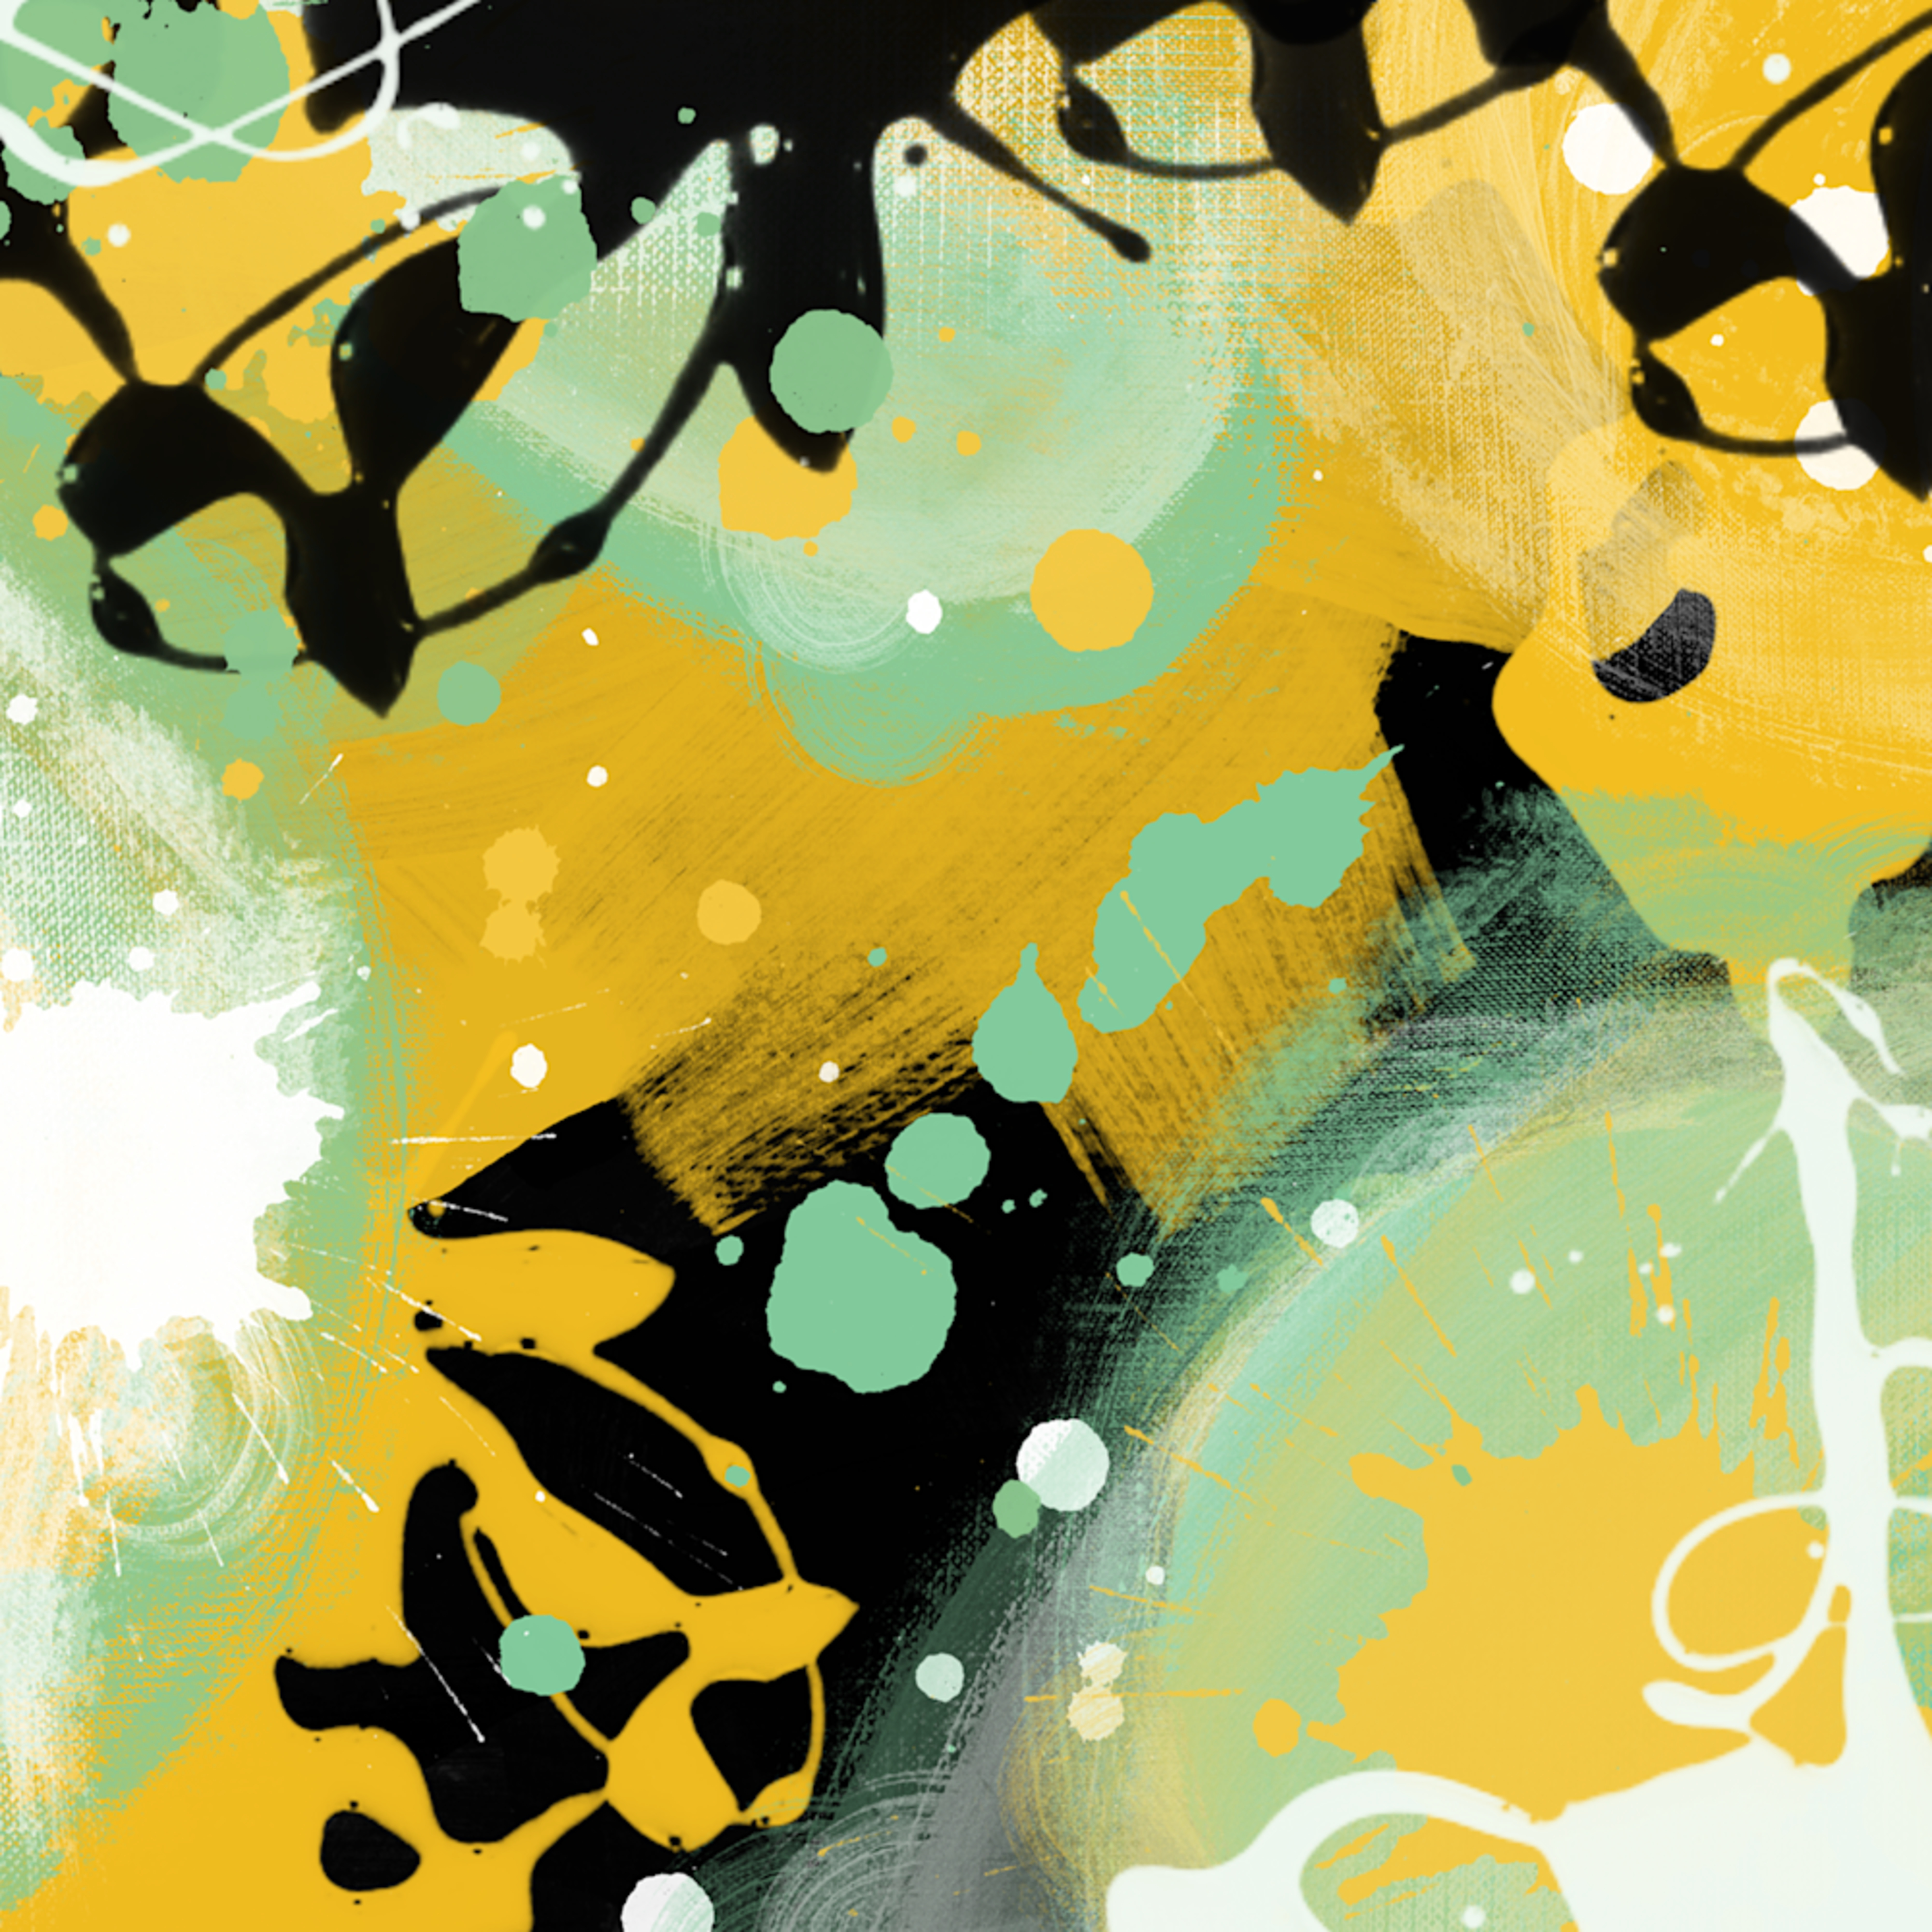 Abstract art 80 18 grhnz5